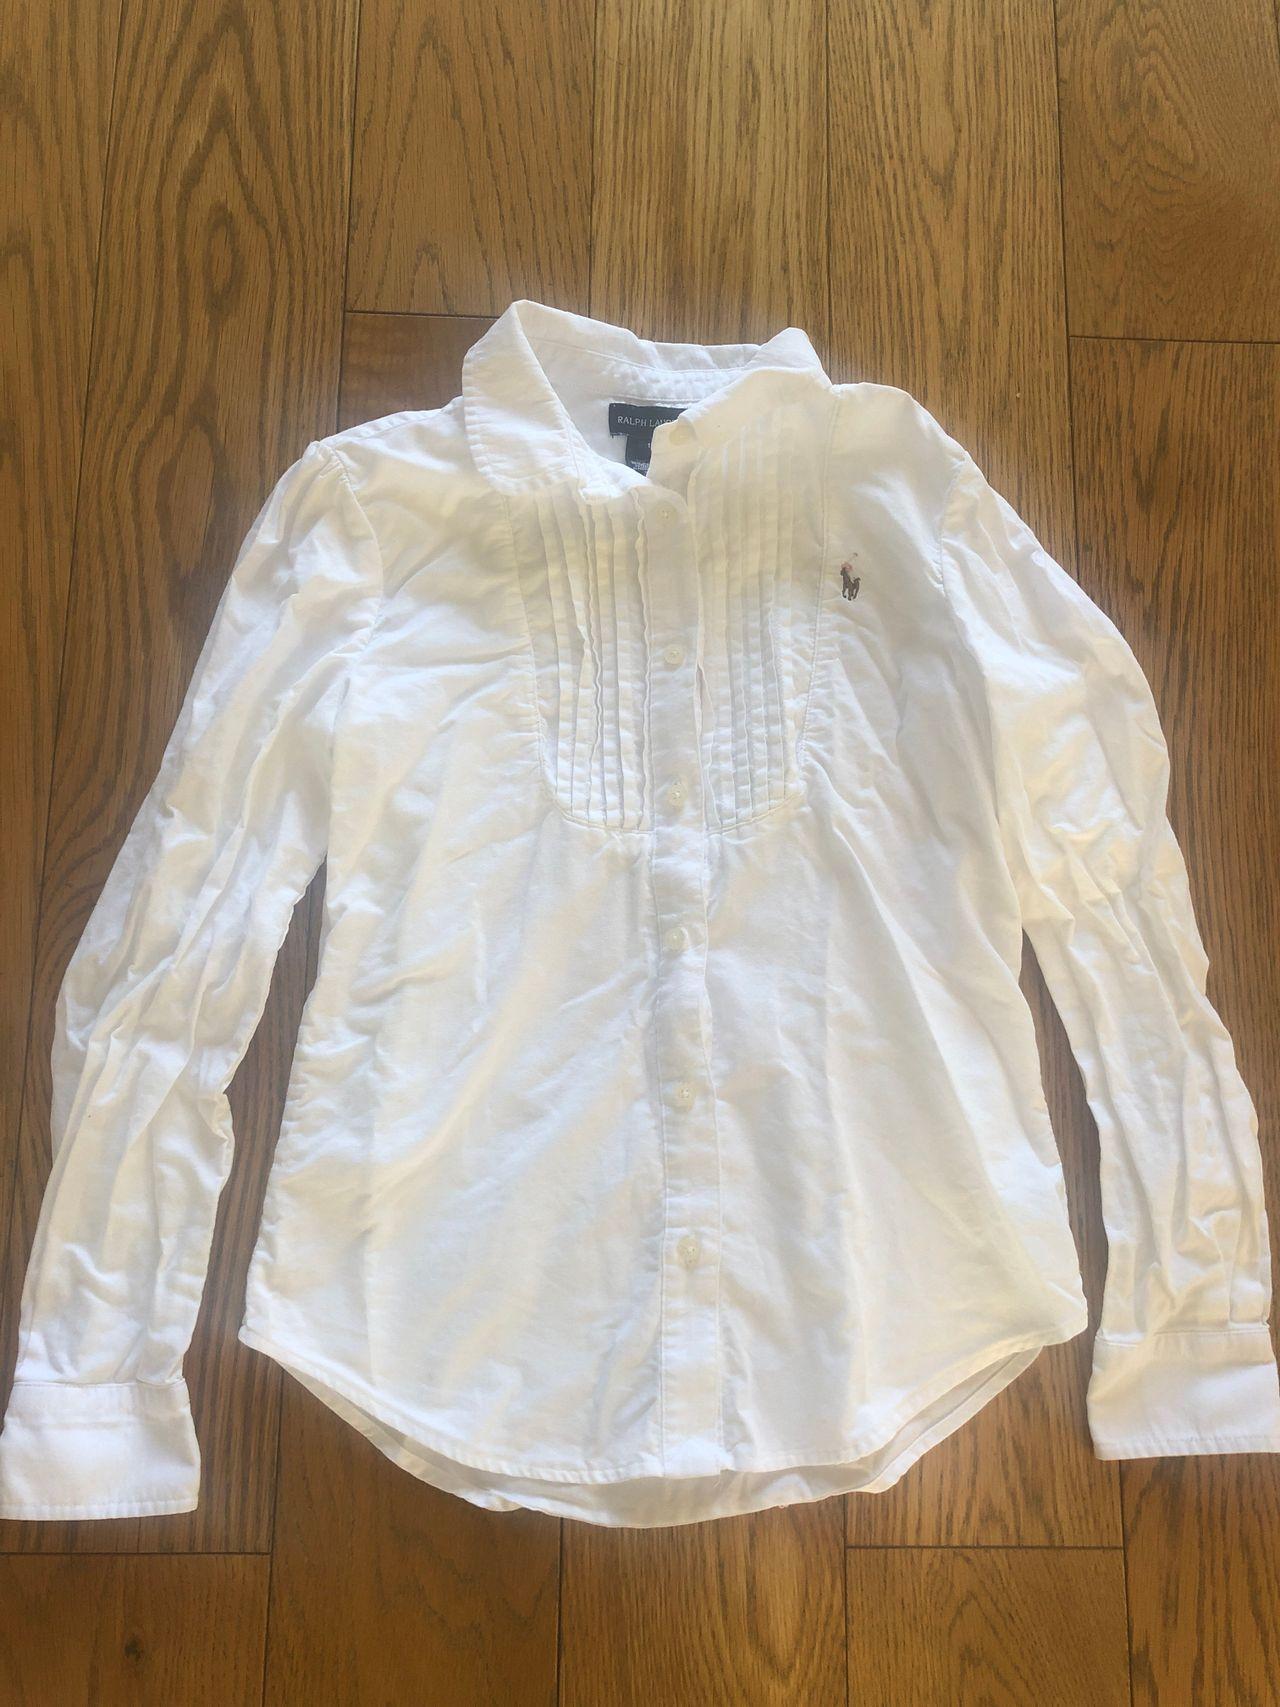 Hvit skjorte Kjøpe, selge og utveksle annonser finn den